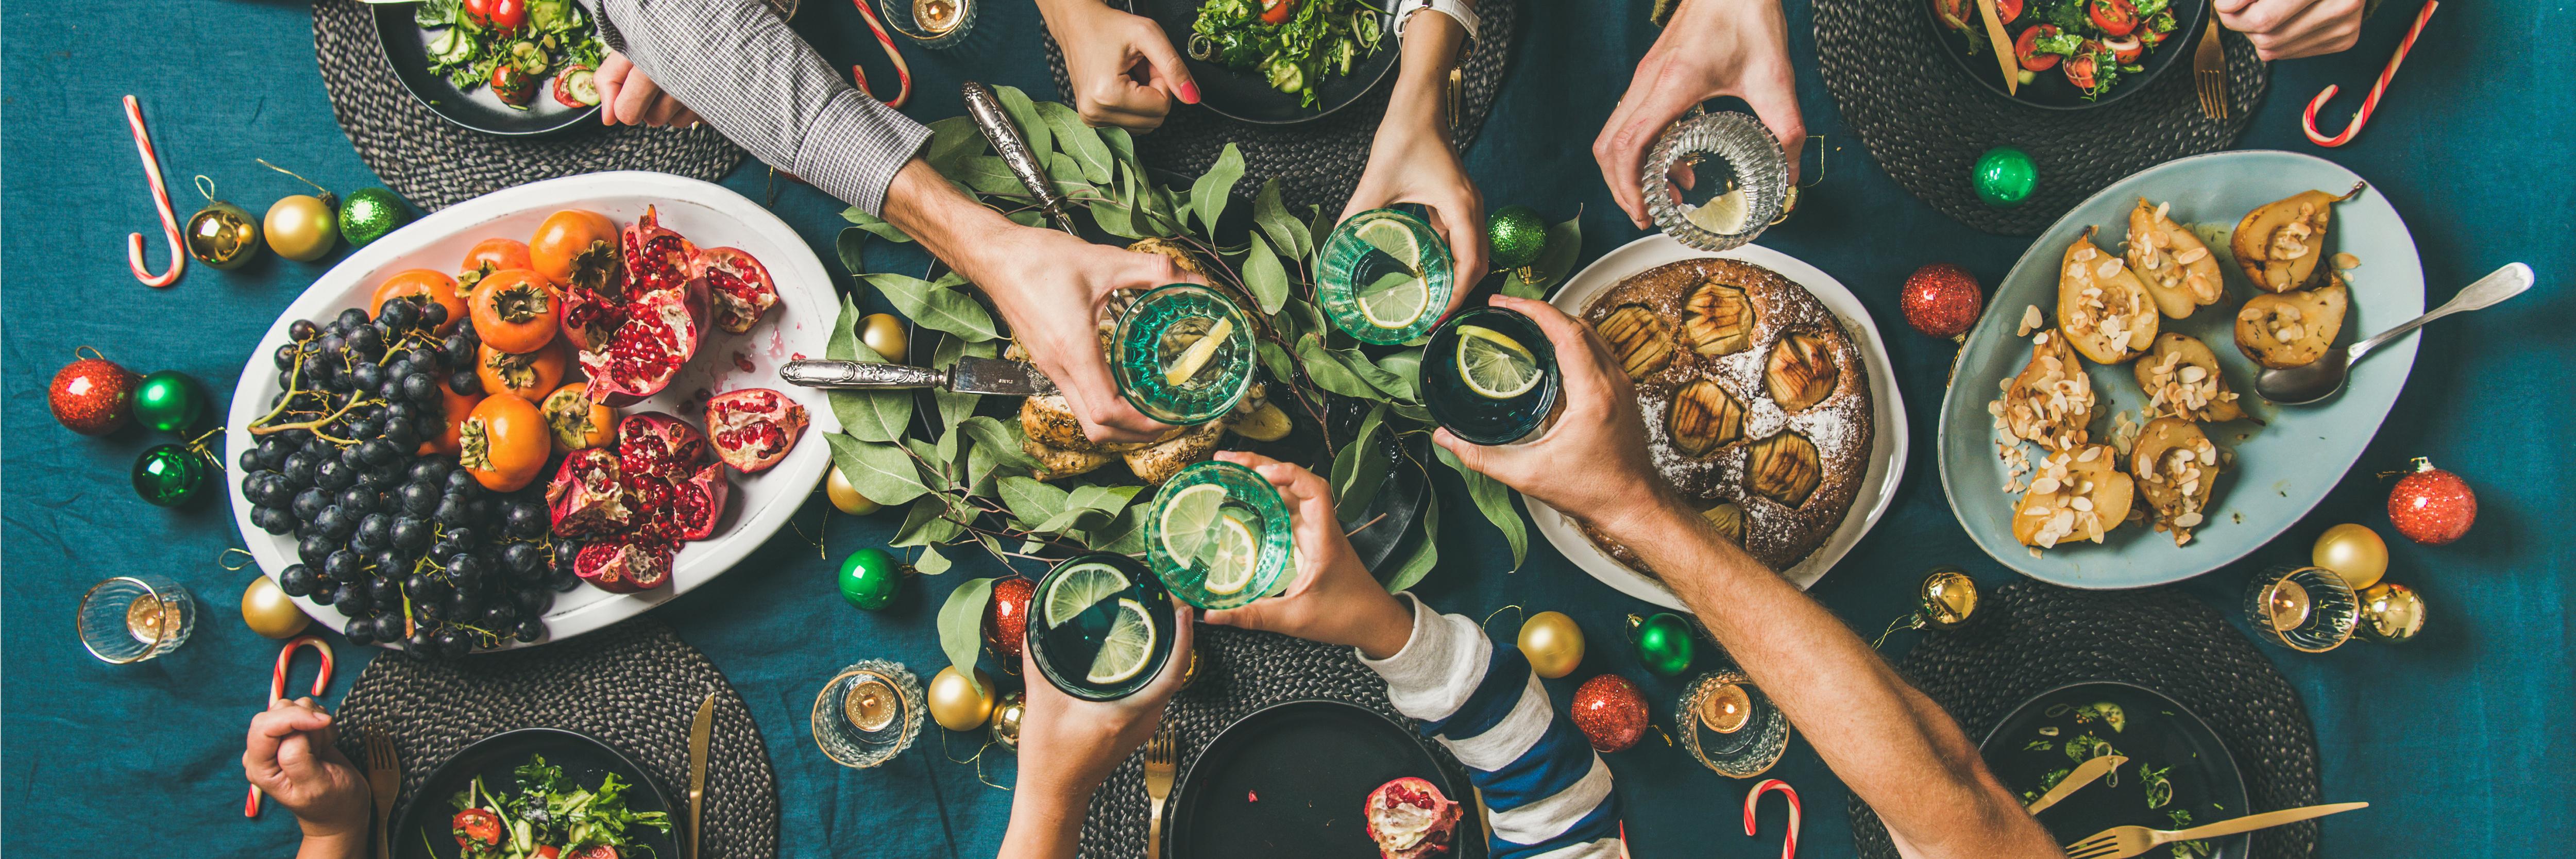 Noël 2019 repas éco-responsable Energic